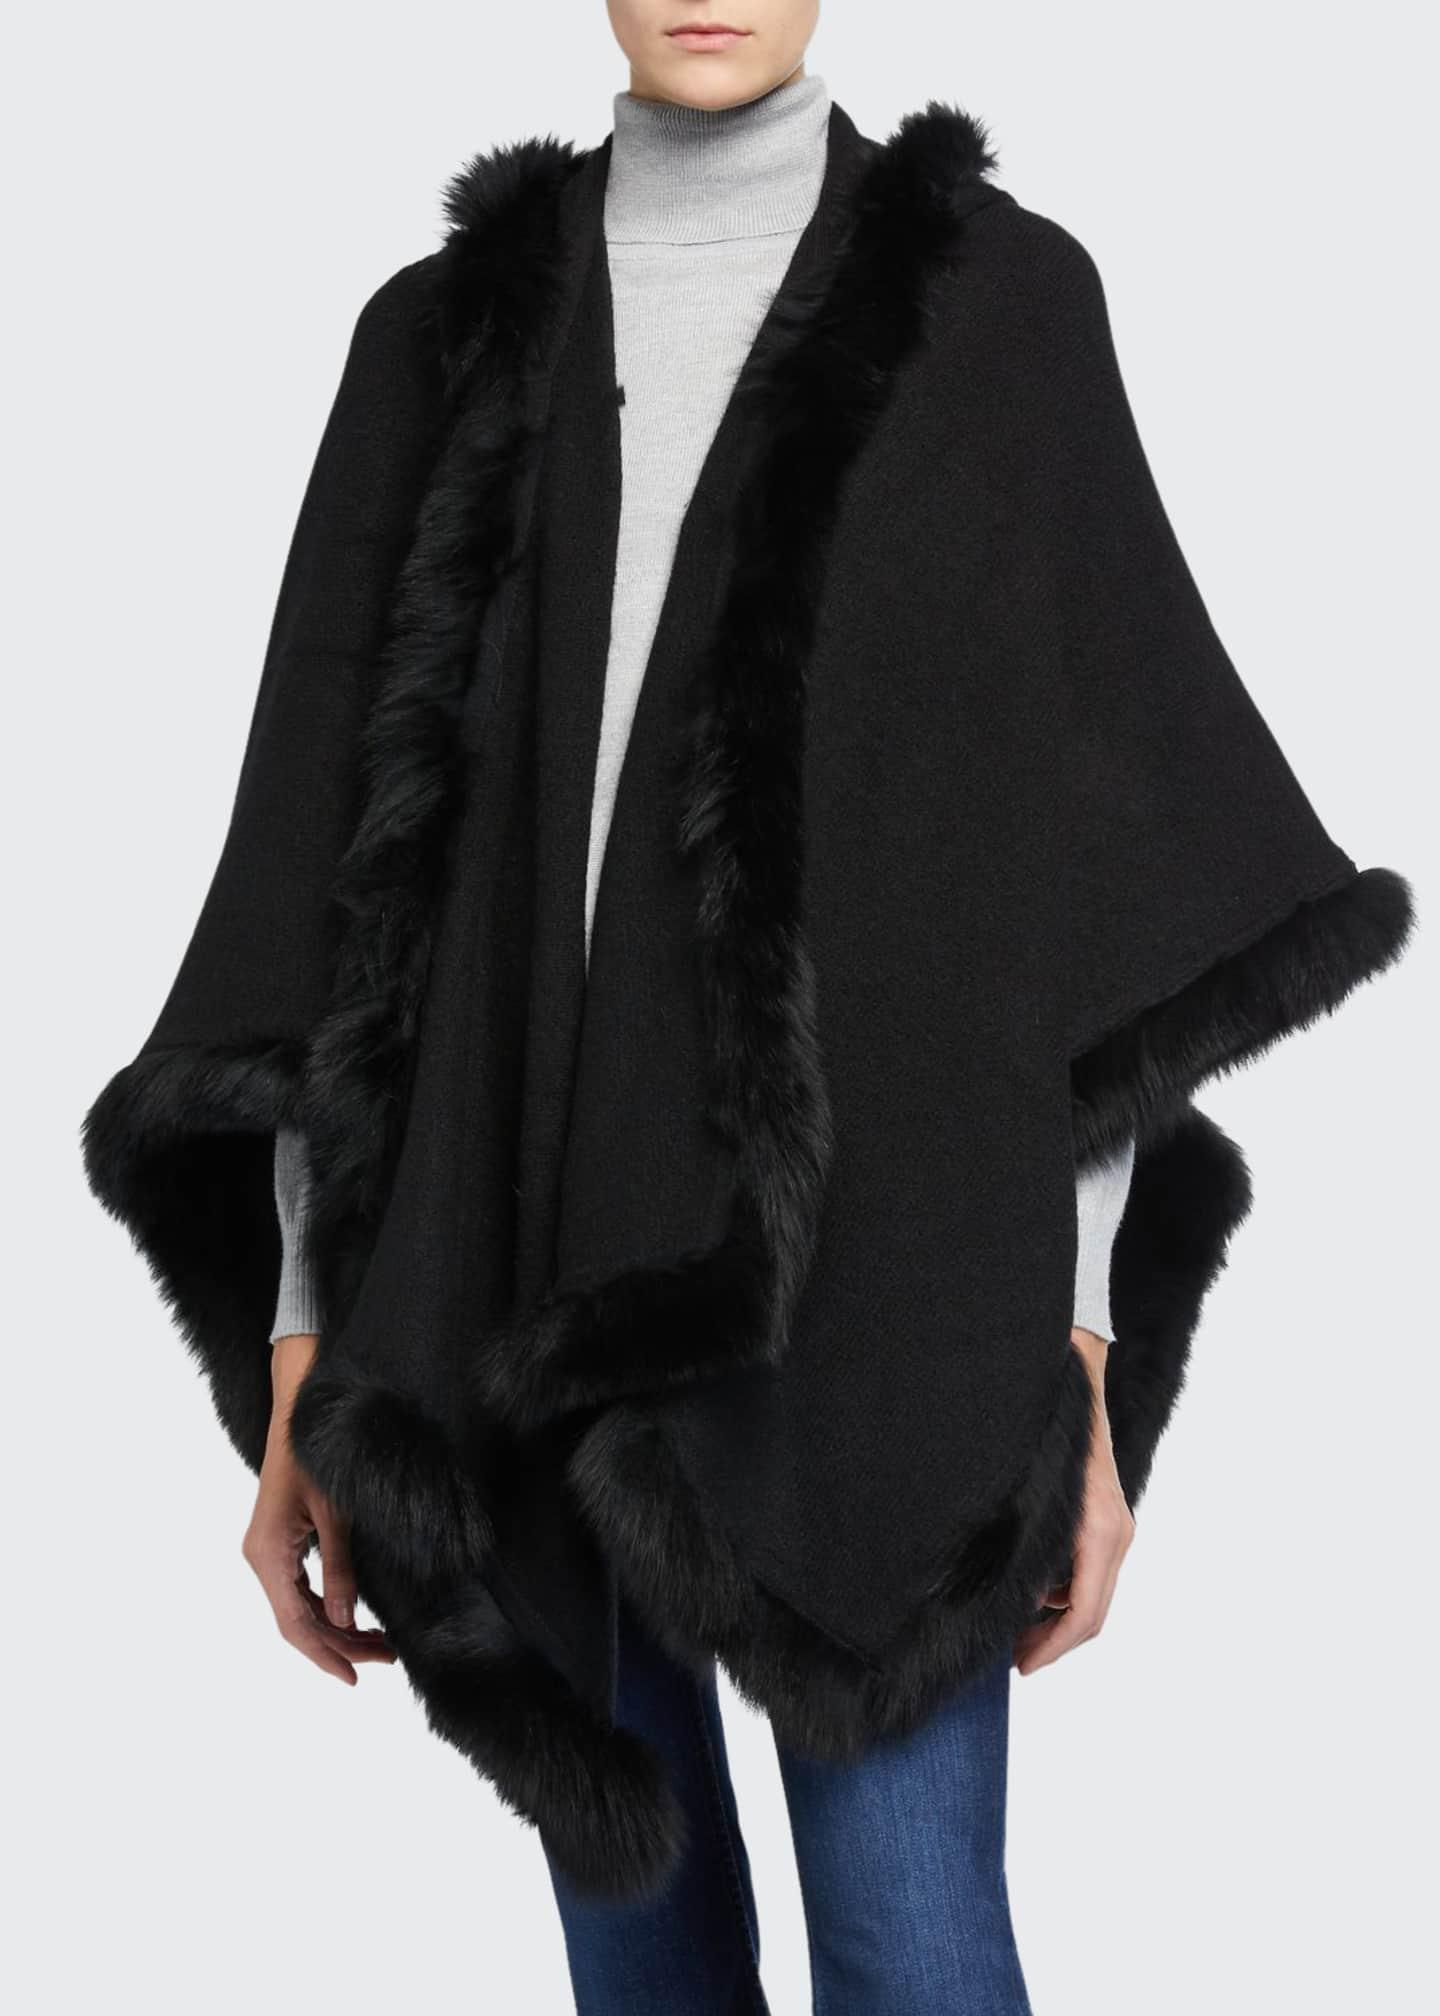 Alice + Olivia Kamala Oversized Poncho with Fur